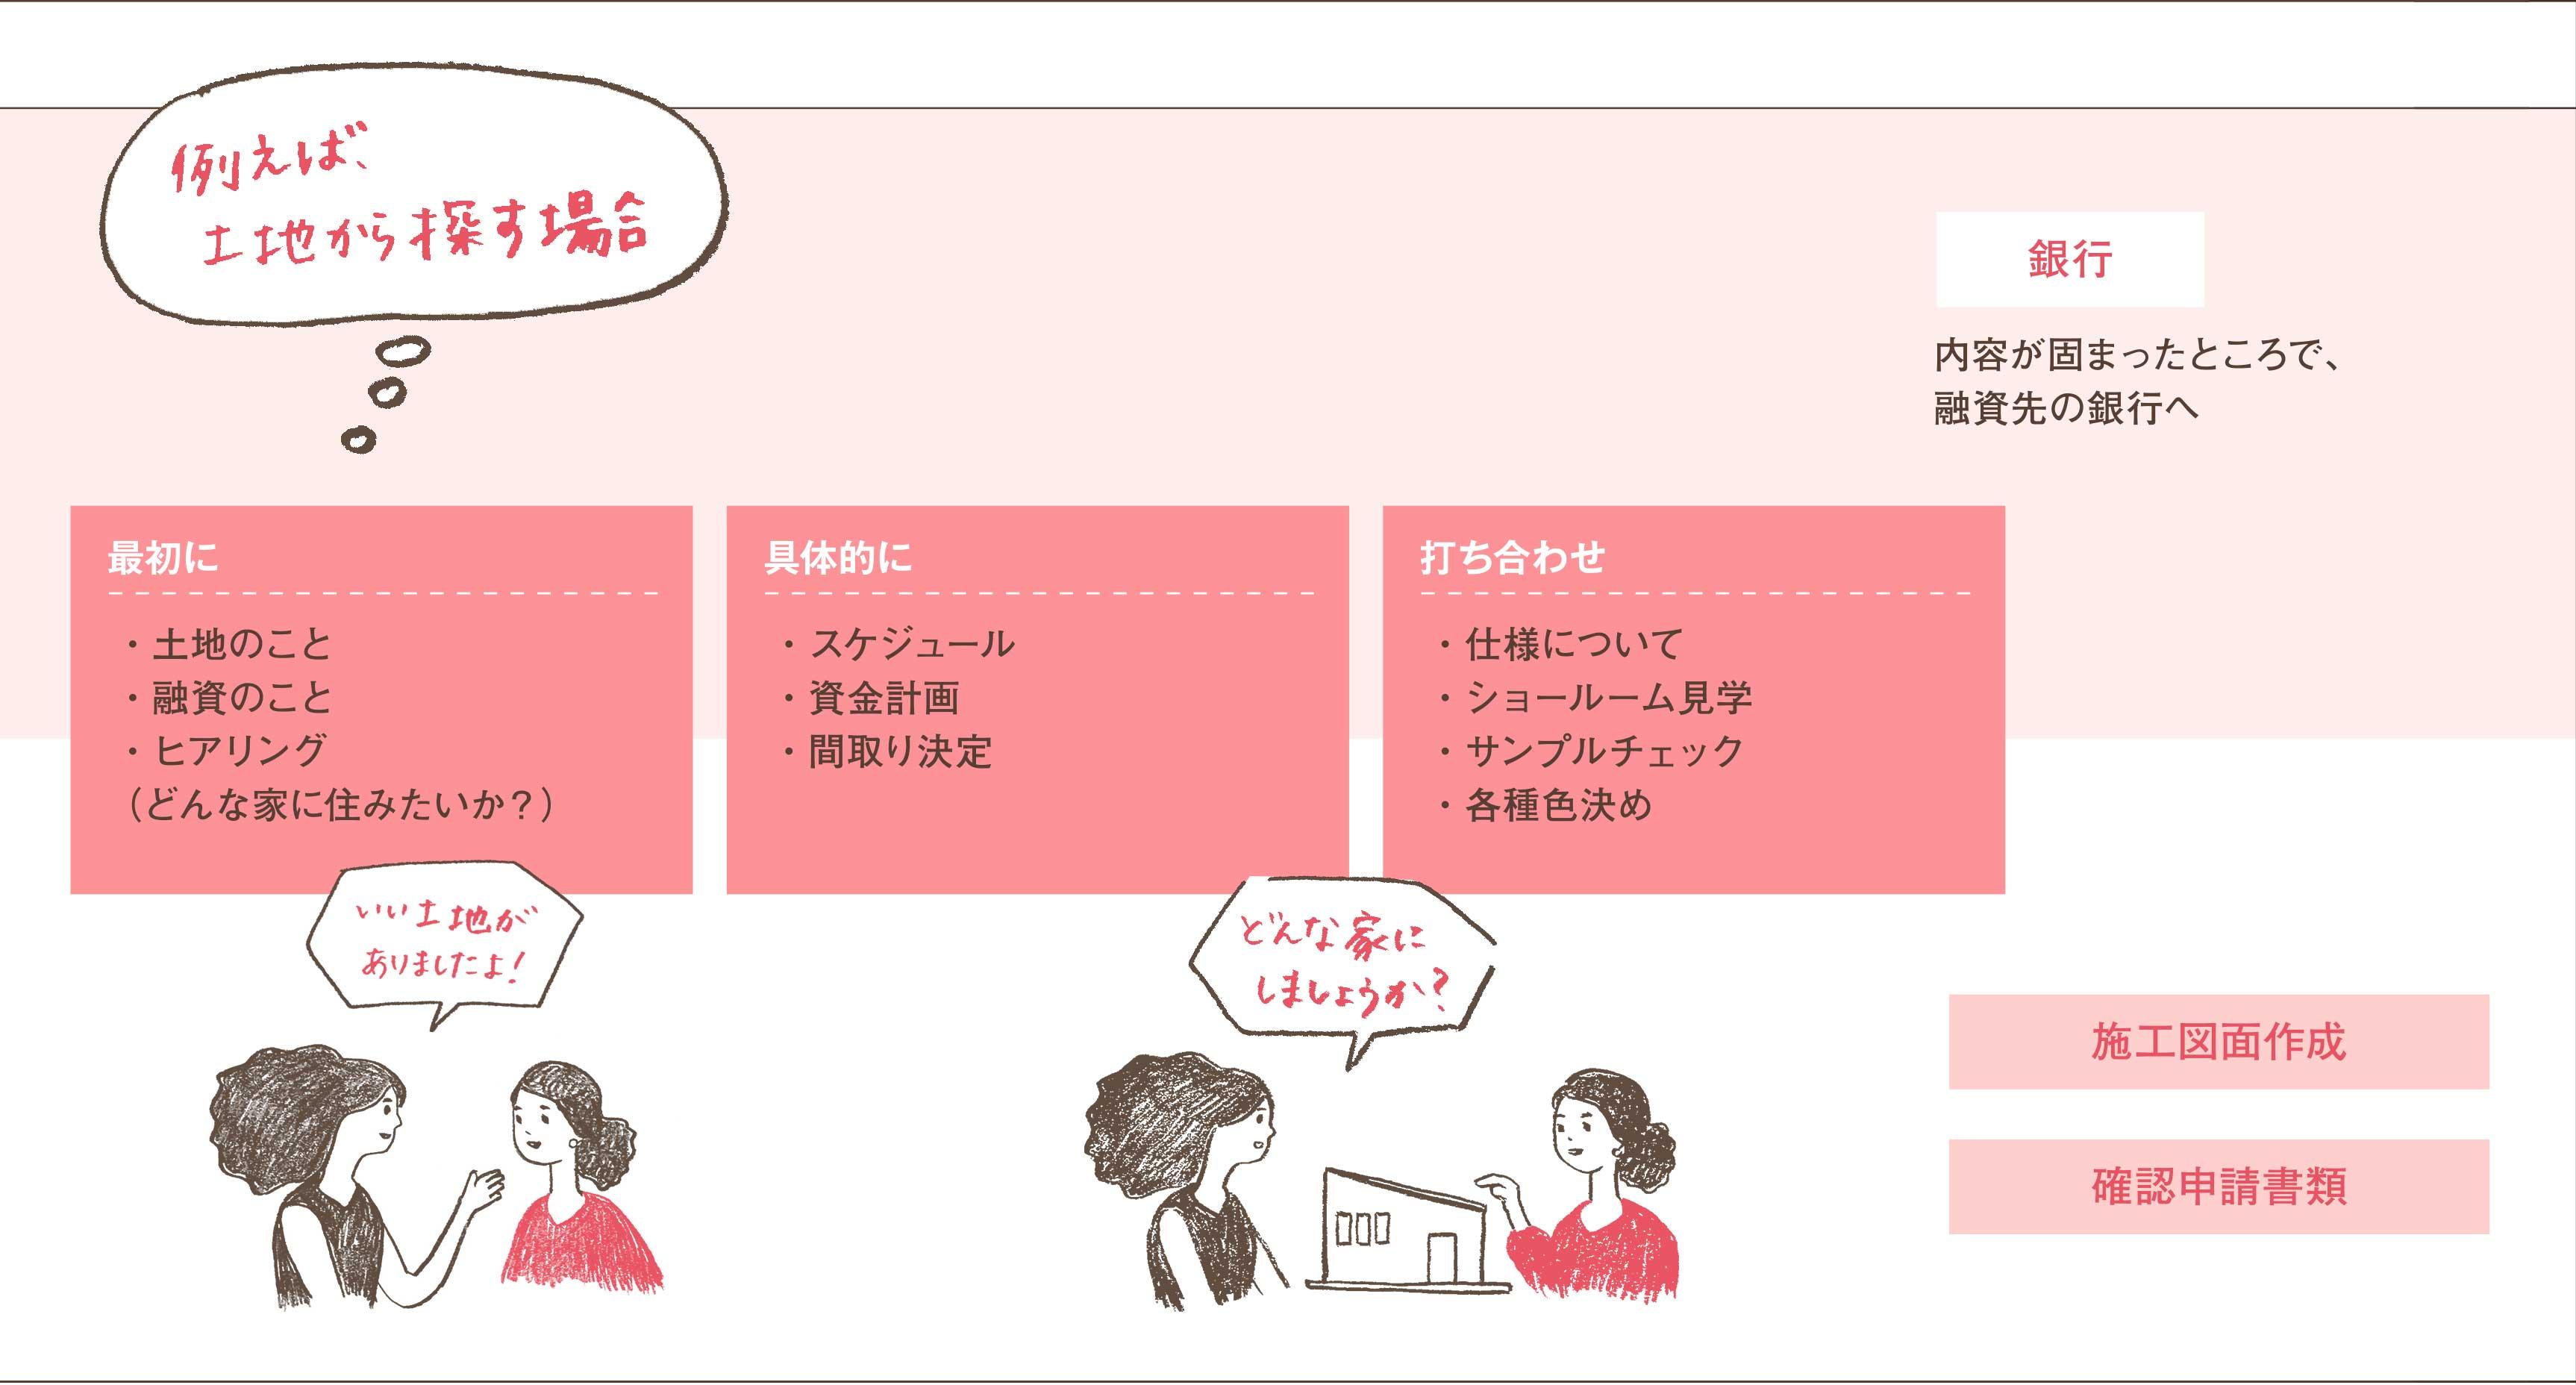 3.工事請負契約(無料サービス)